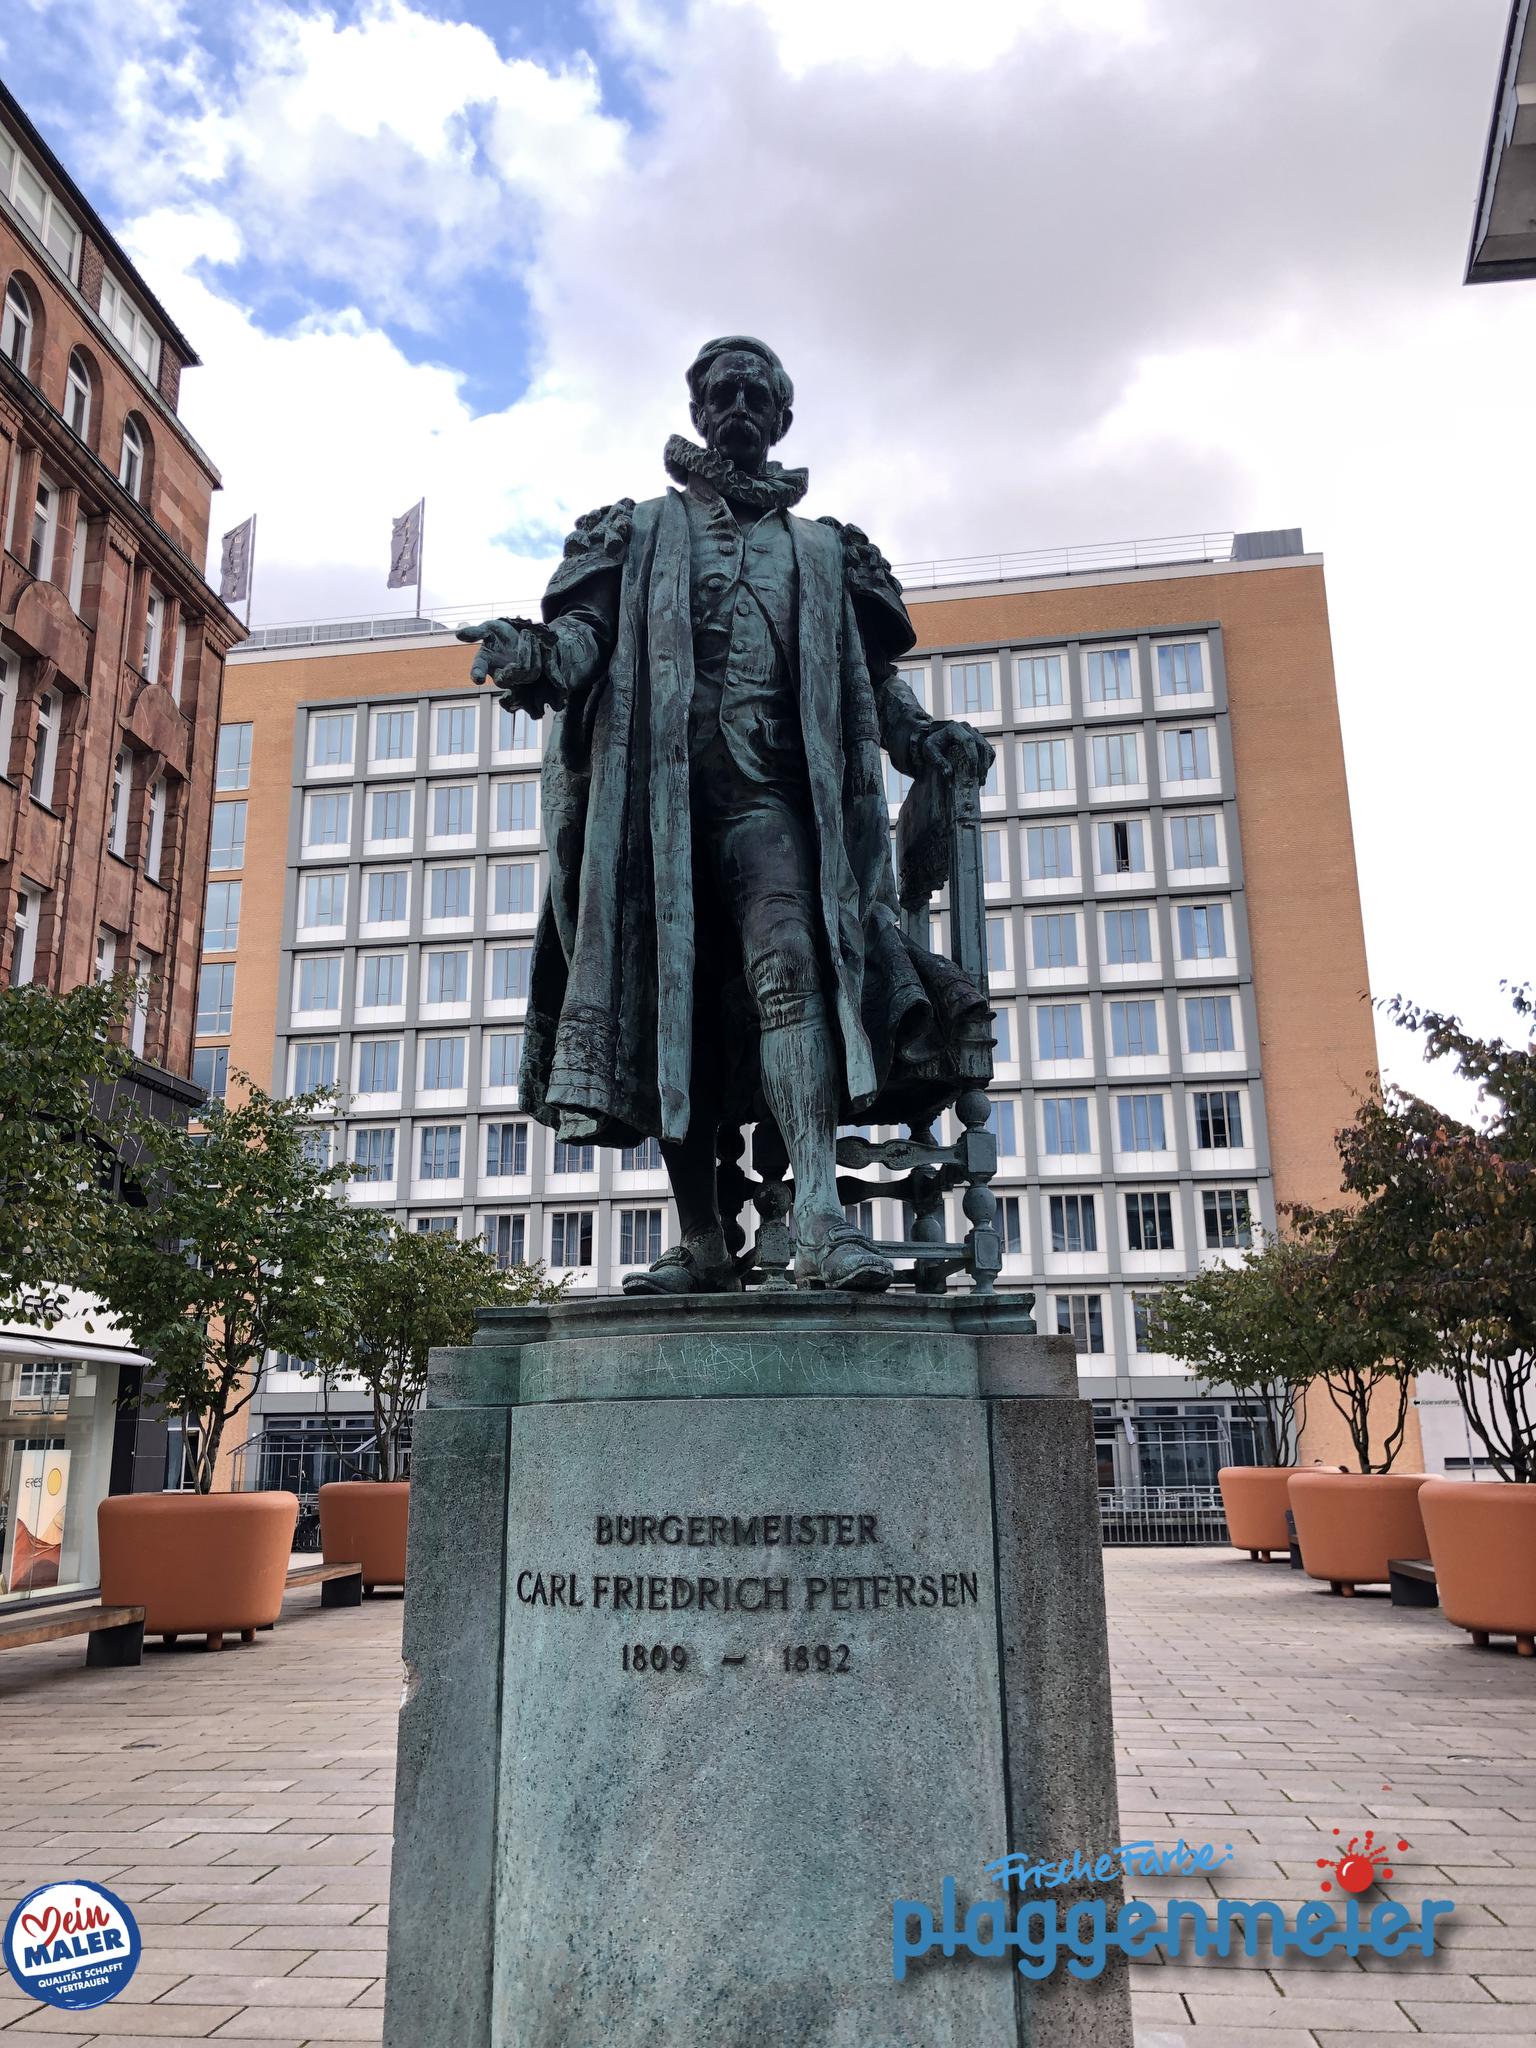 Carl Friedrich Petersen - hier passt ein Hamburger Bürgermeister a.D. auf, dass wir als Denkmalschutz-Maler unseren Job richtig machen. Keine Sorge, Carlchen, die Maler aus Bremen regeln das.